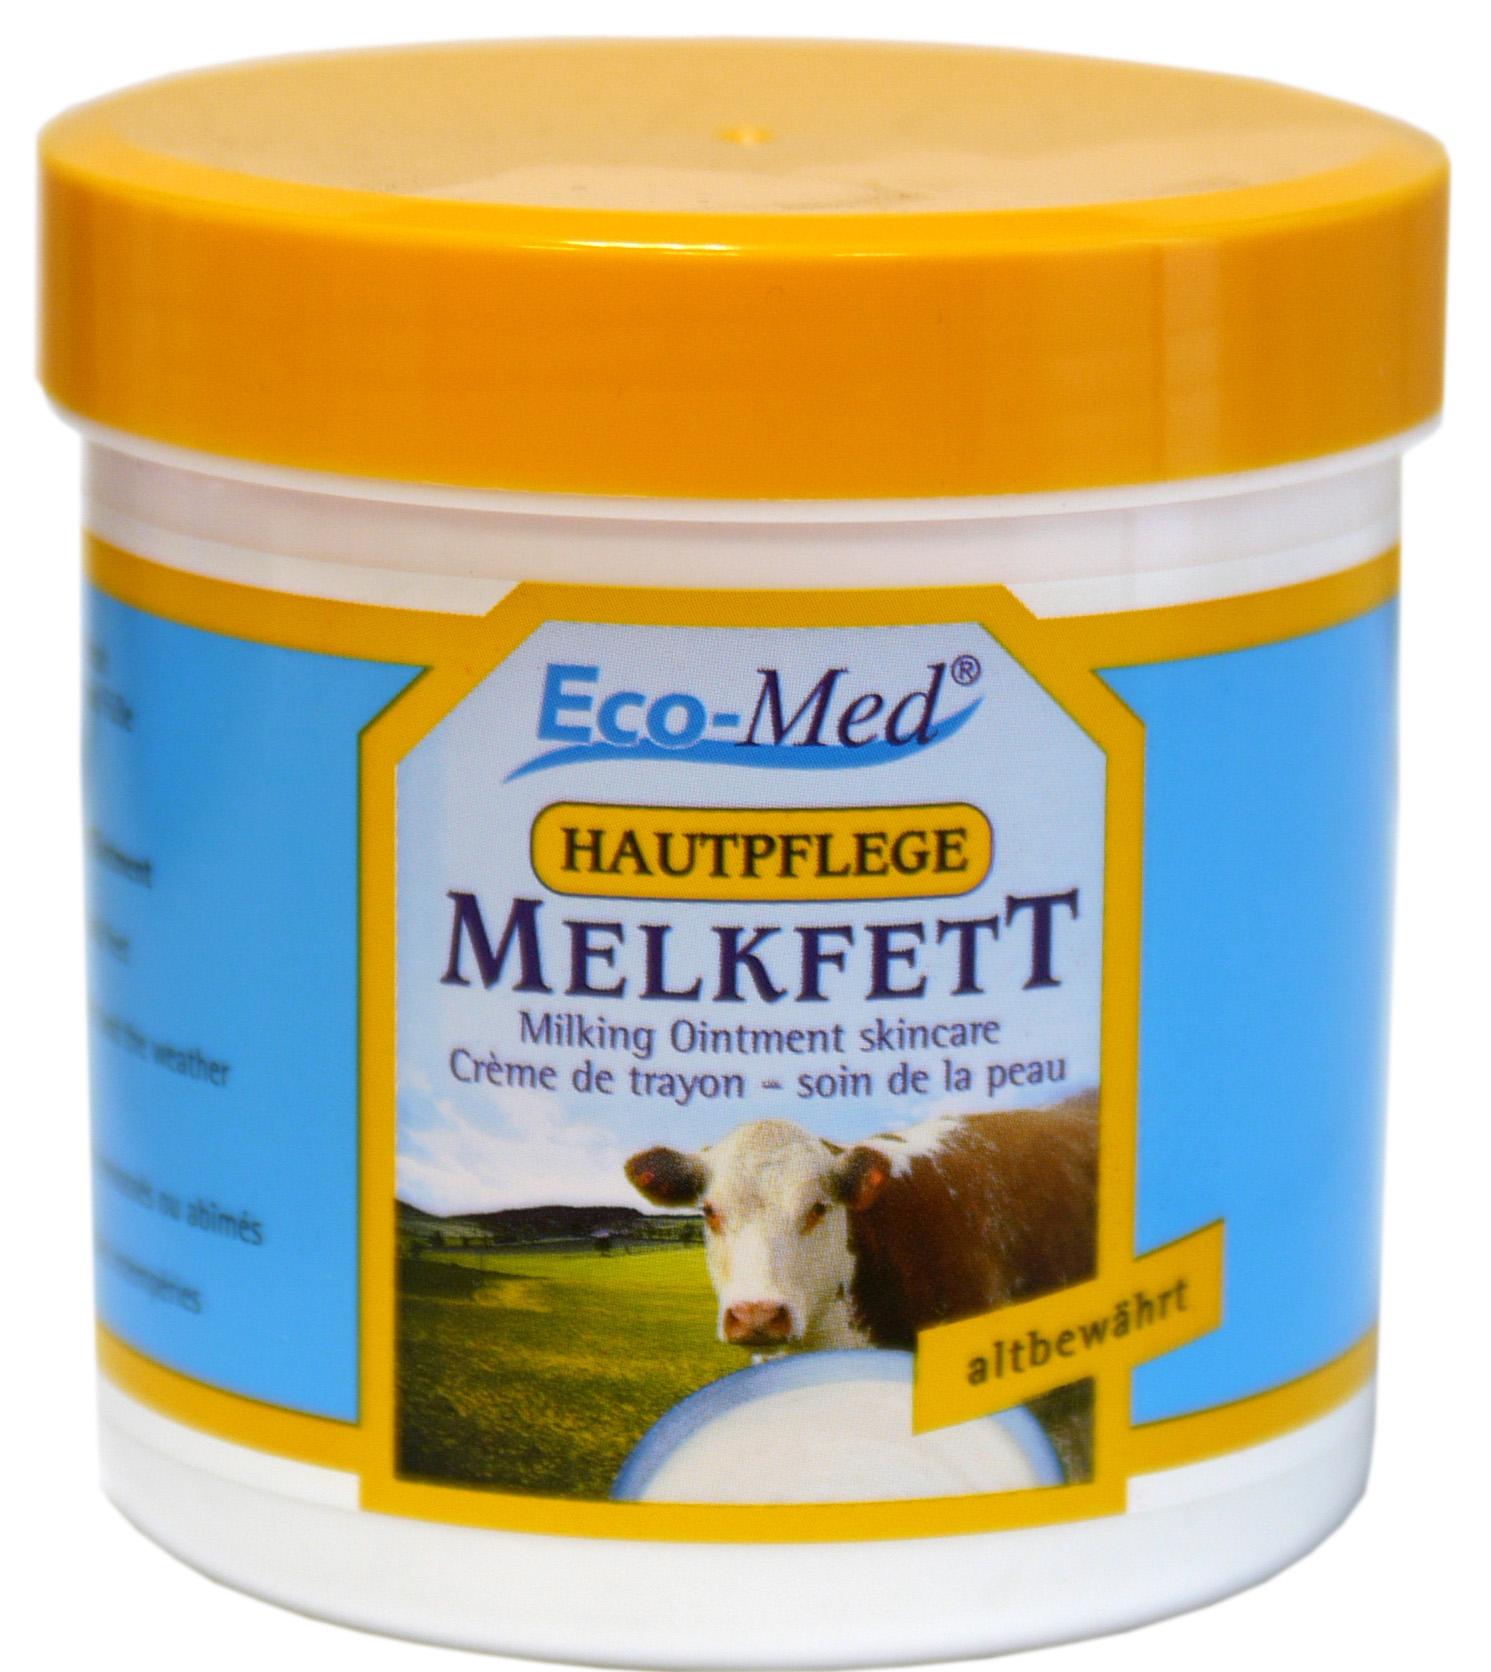 01857 - Eco-Med Melkfett 250 ml